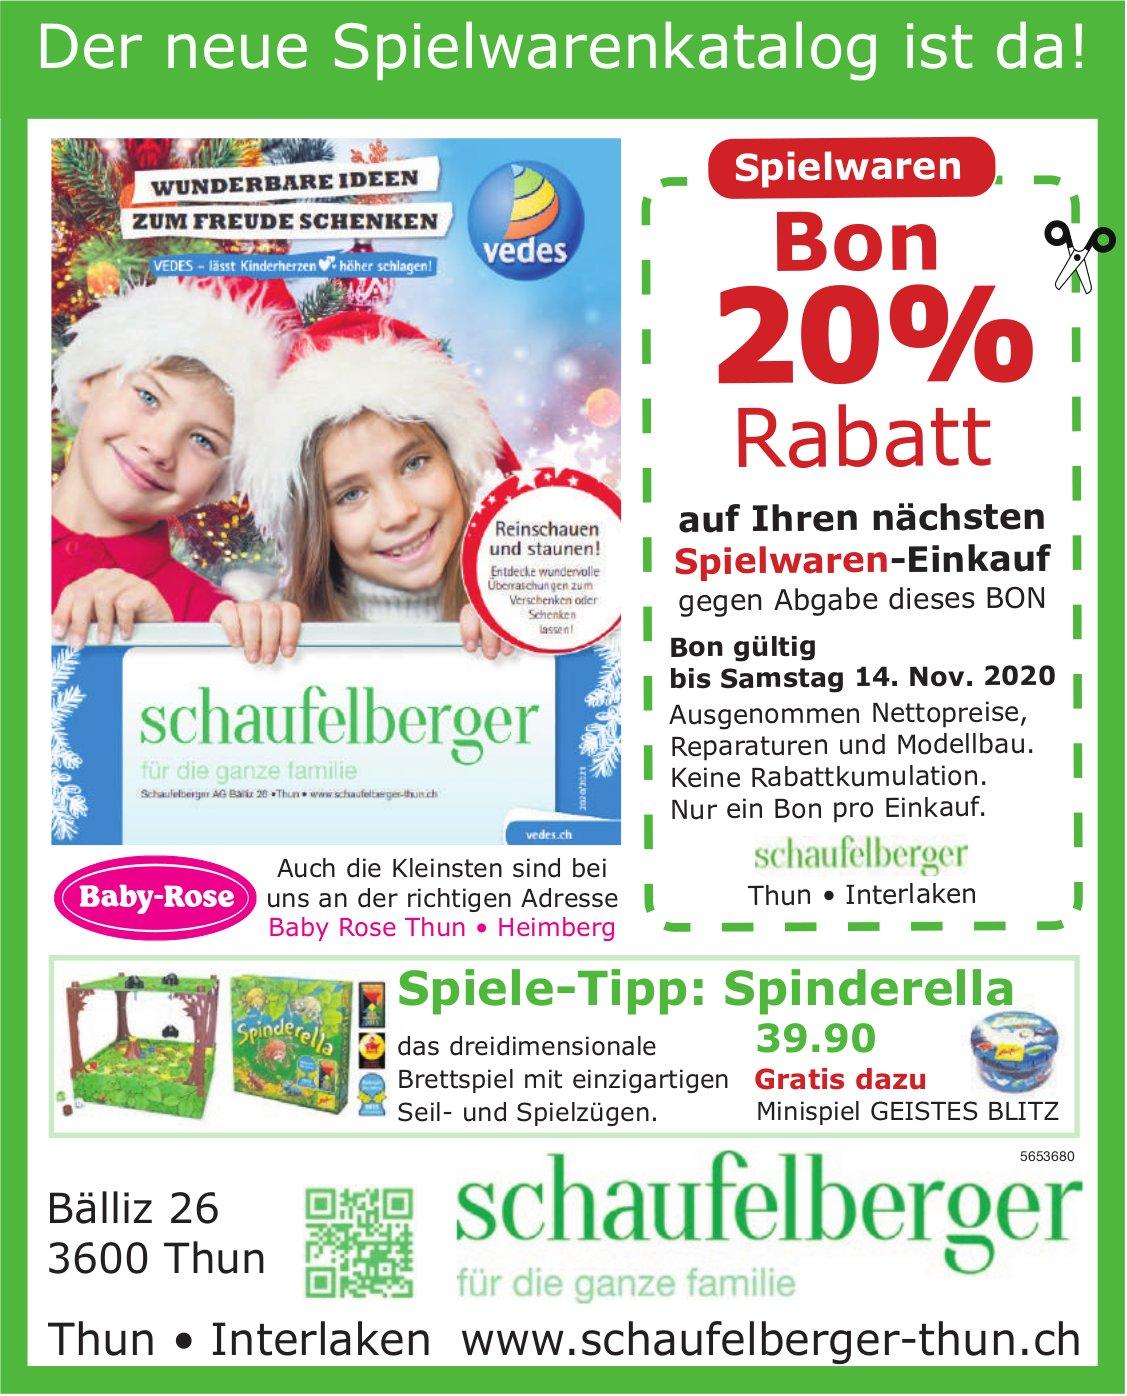 Schaufelberger, Thun & Interlaken - Der neue Spielwarenkatalog ist da!